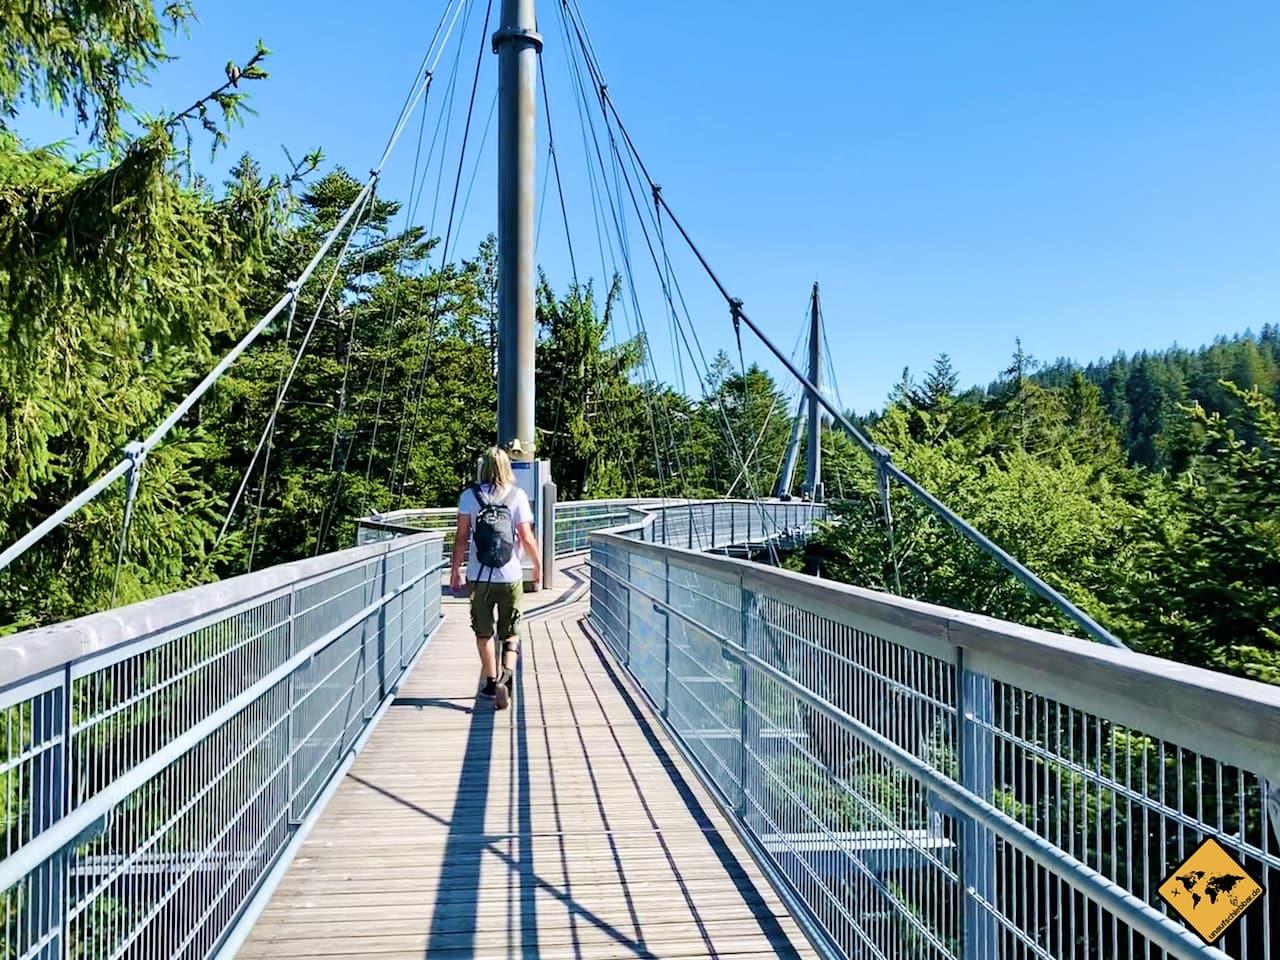 Rundweg Skywalk Allgäu Naturerlebnispark